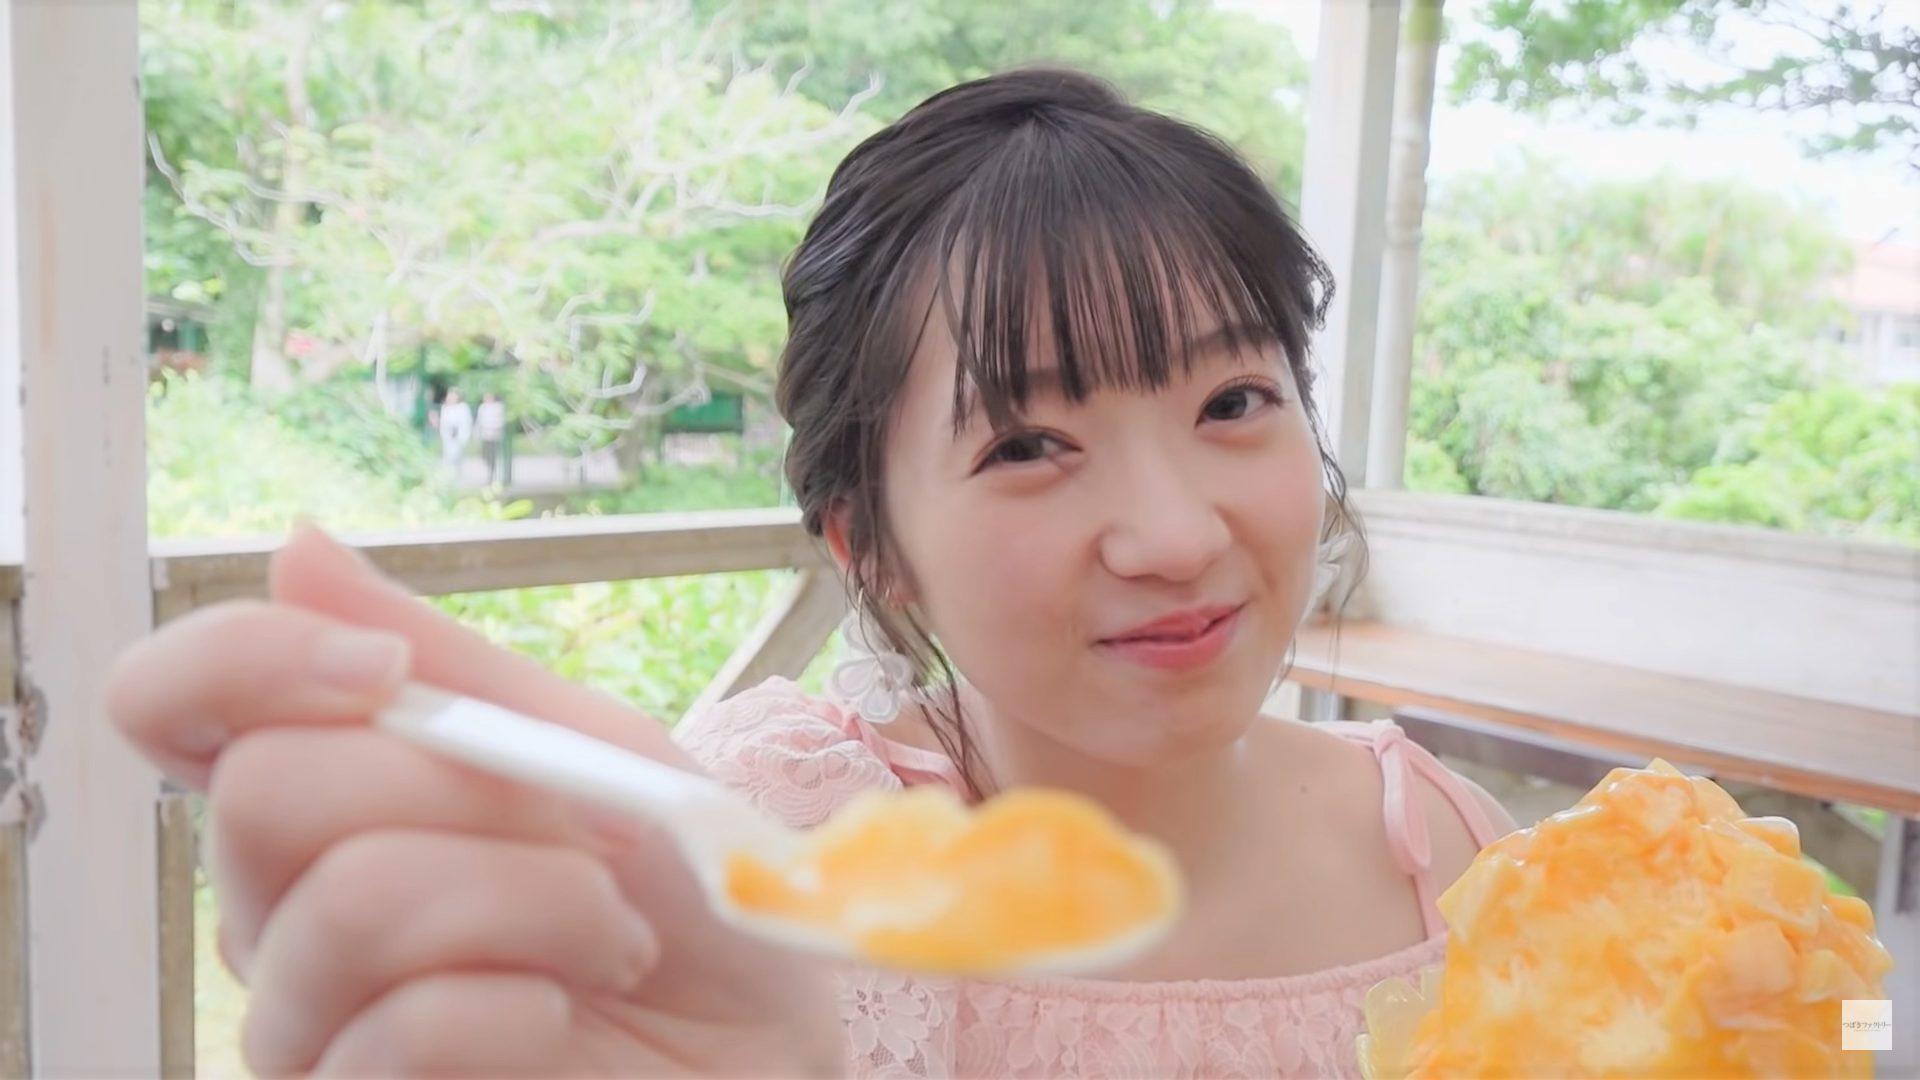 【山岸理子】-カップ セカンド写真集「R-21」発売決定!水着姿を披露!